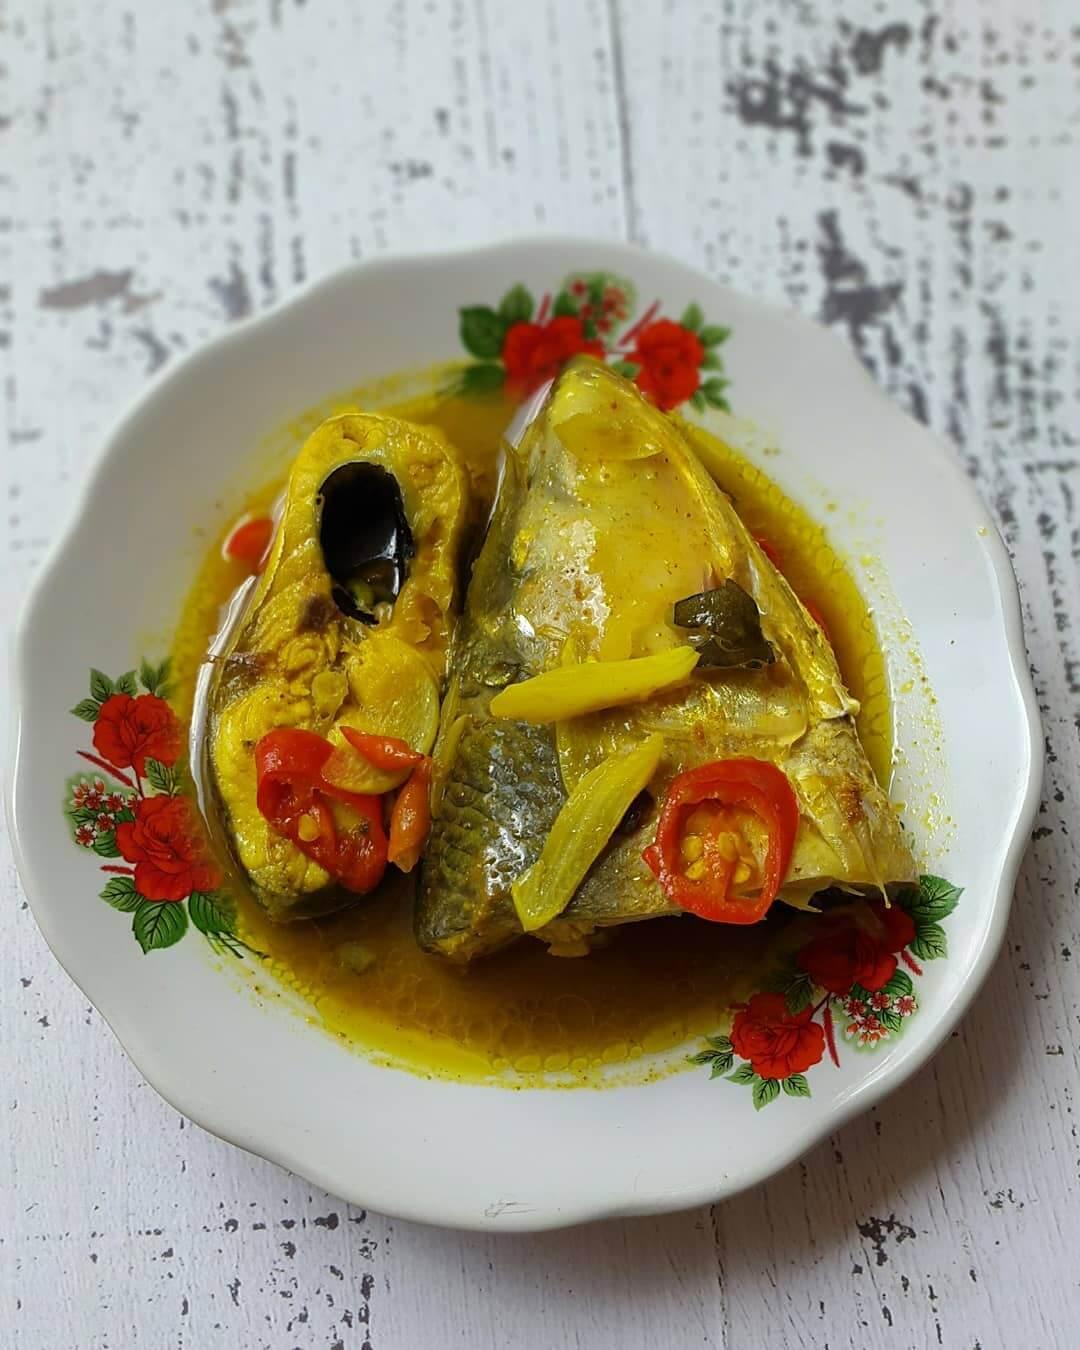 pallumara ikan kuliner khas makassar